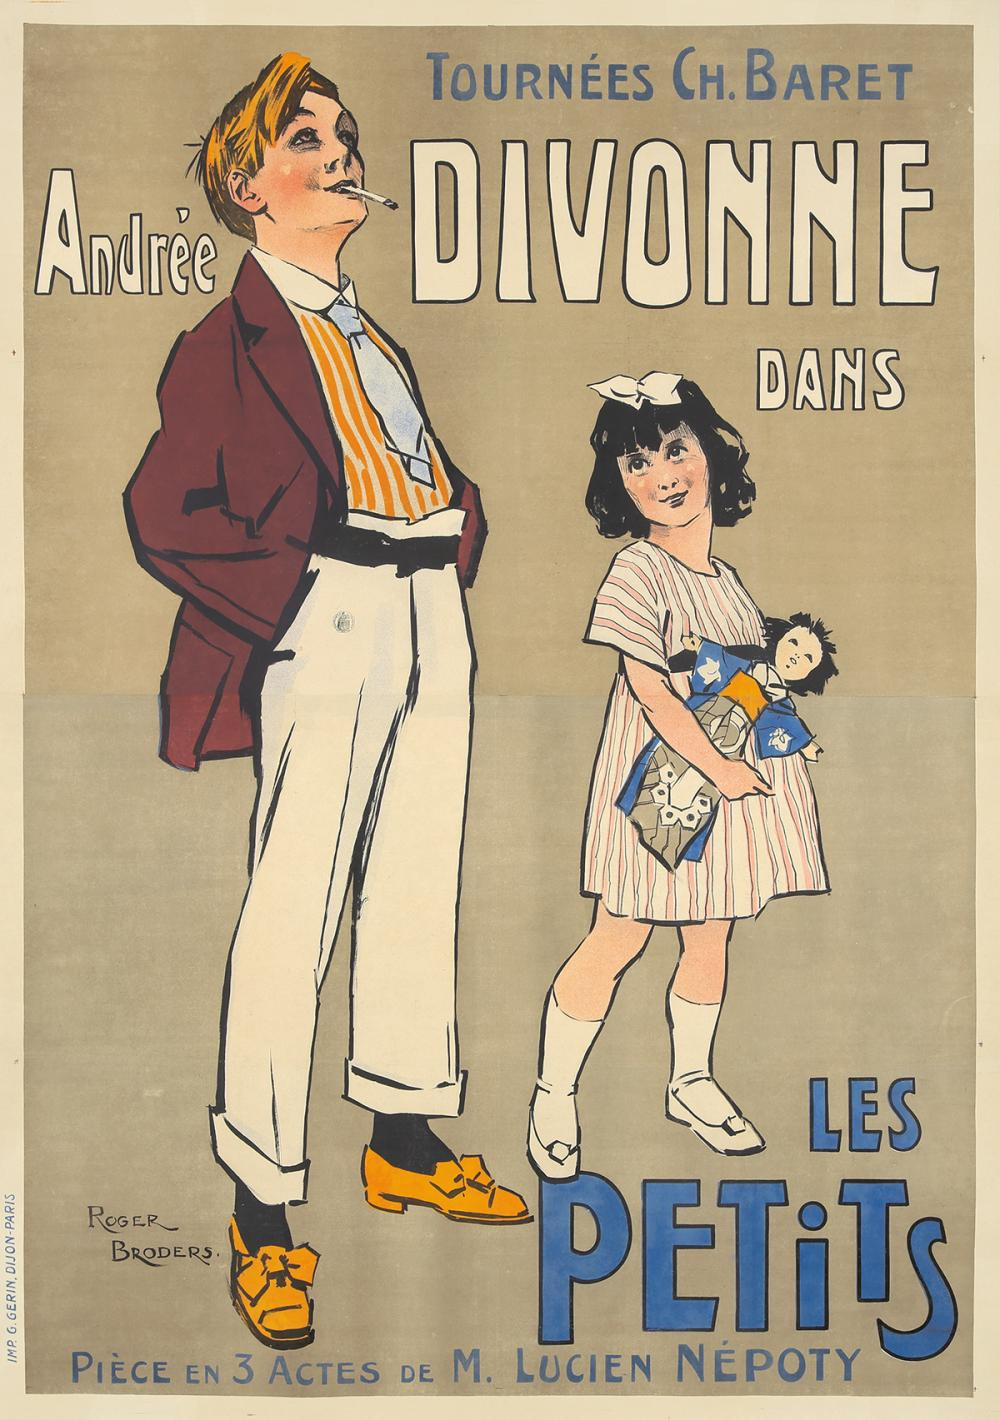 Andrée Divonne dans Les Petits. 1912.